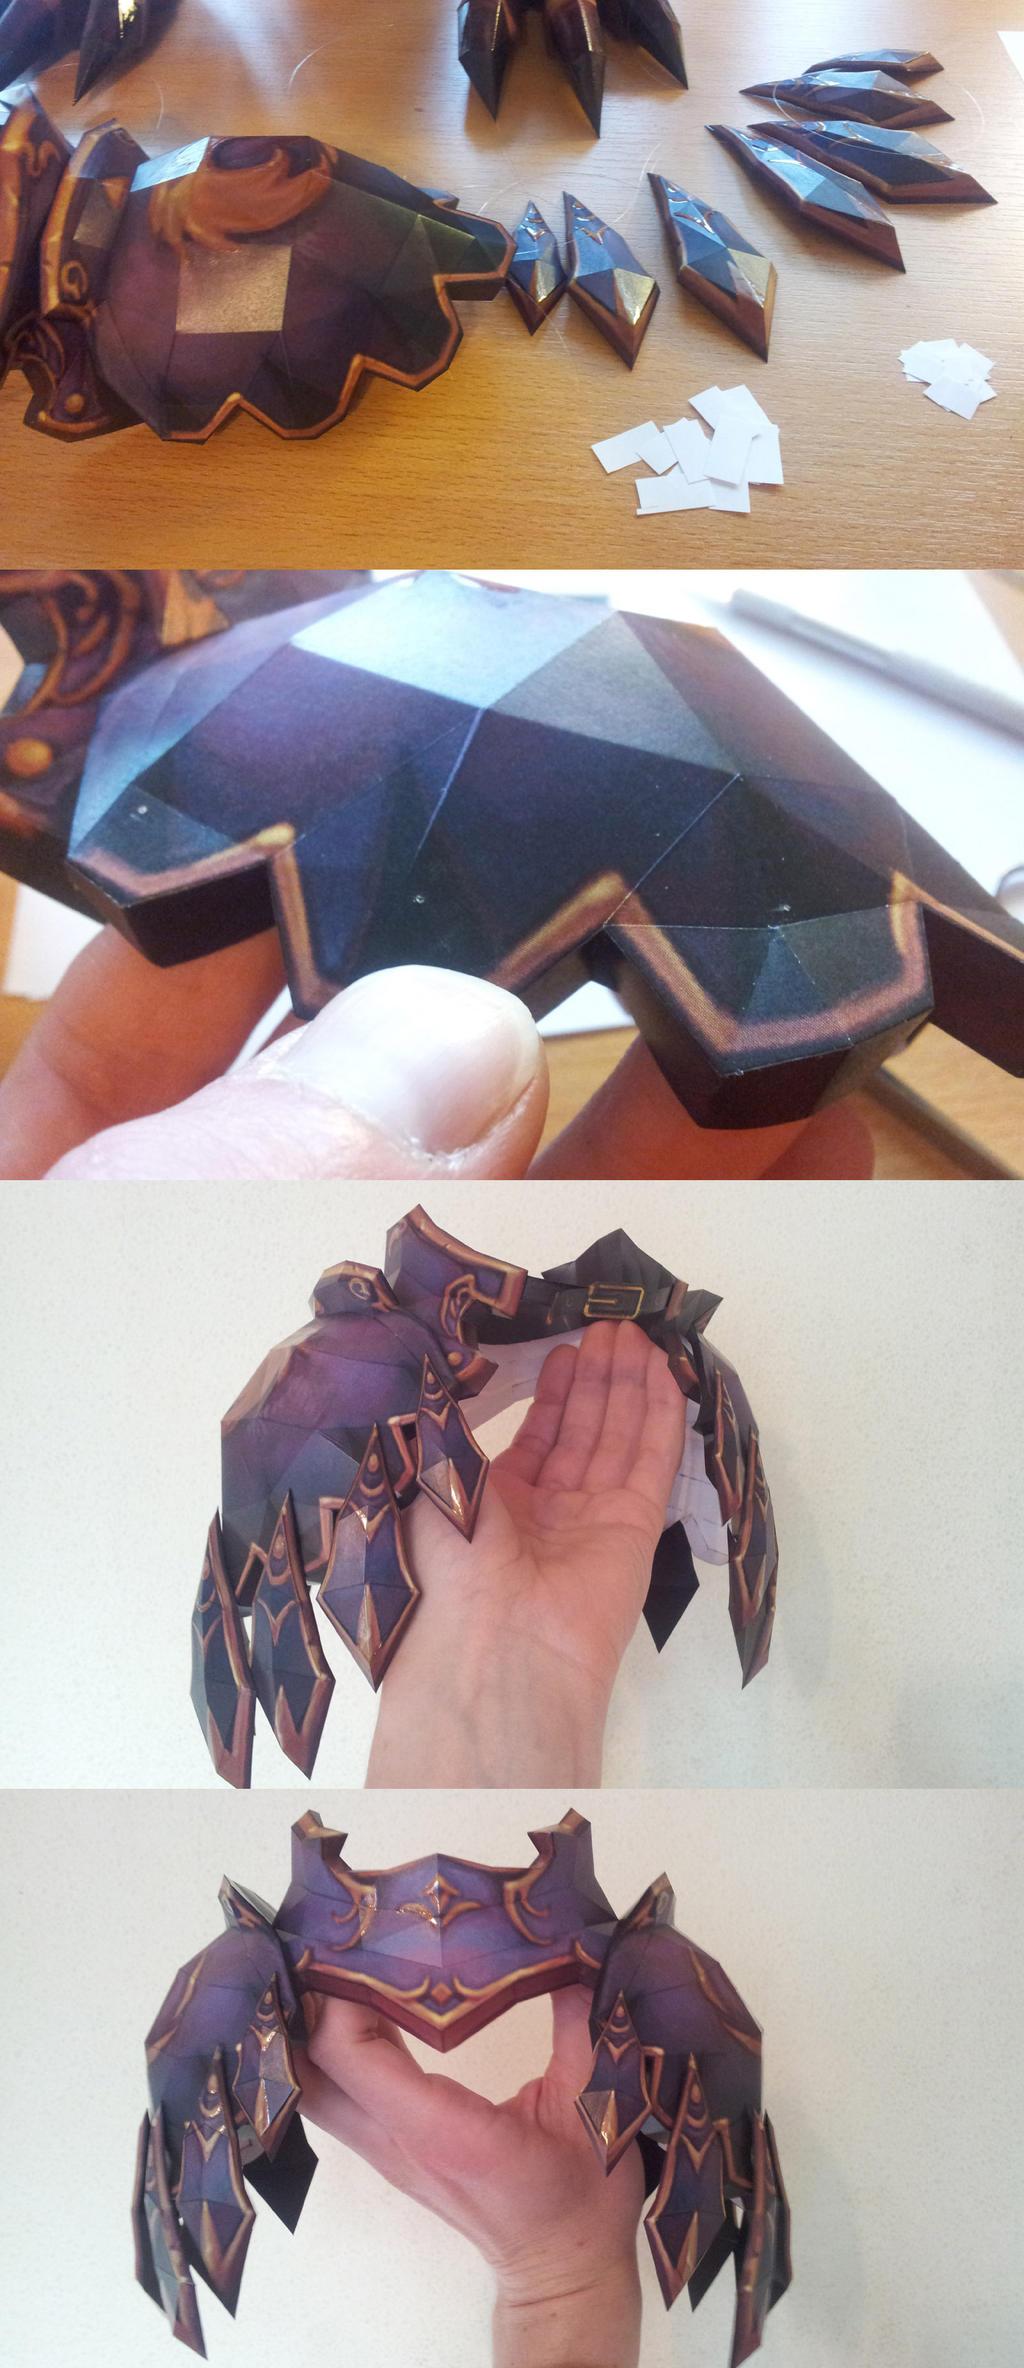 Avian Defender - combining shoulder armor p.2of2